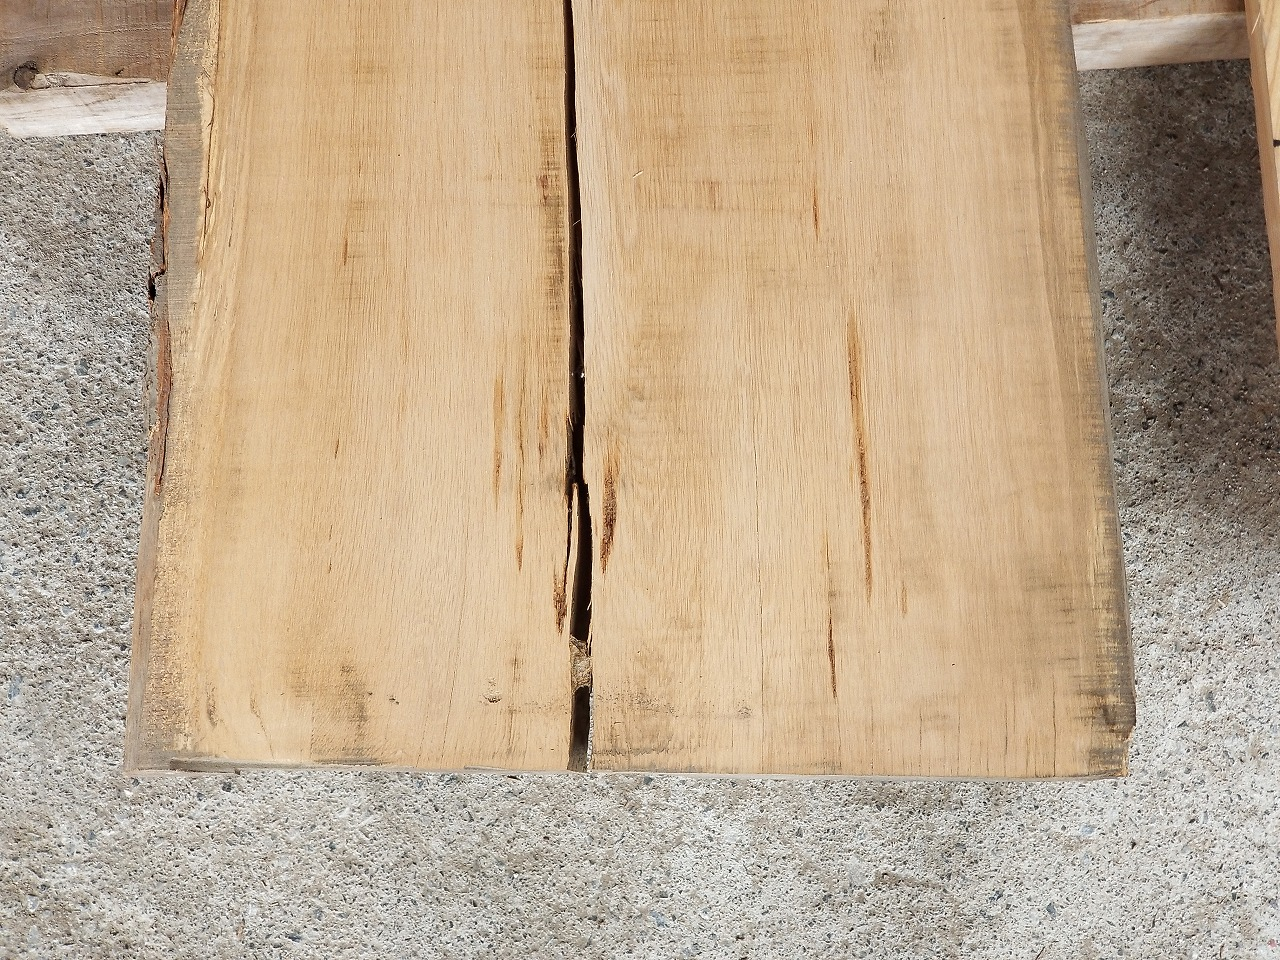 4-008 楢 (ナラ) 一枚板 戸山家具製作所 (海老名市)